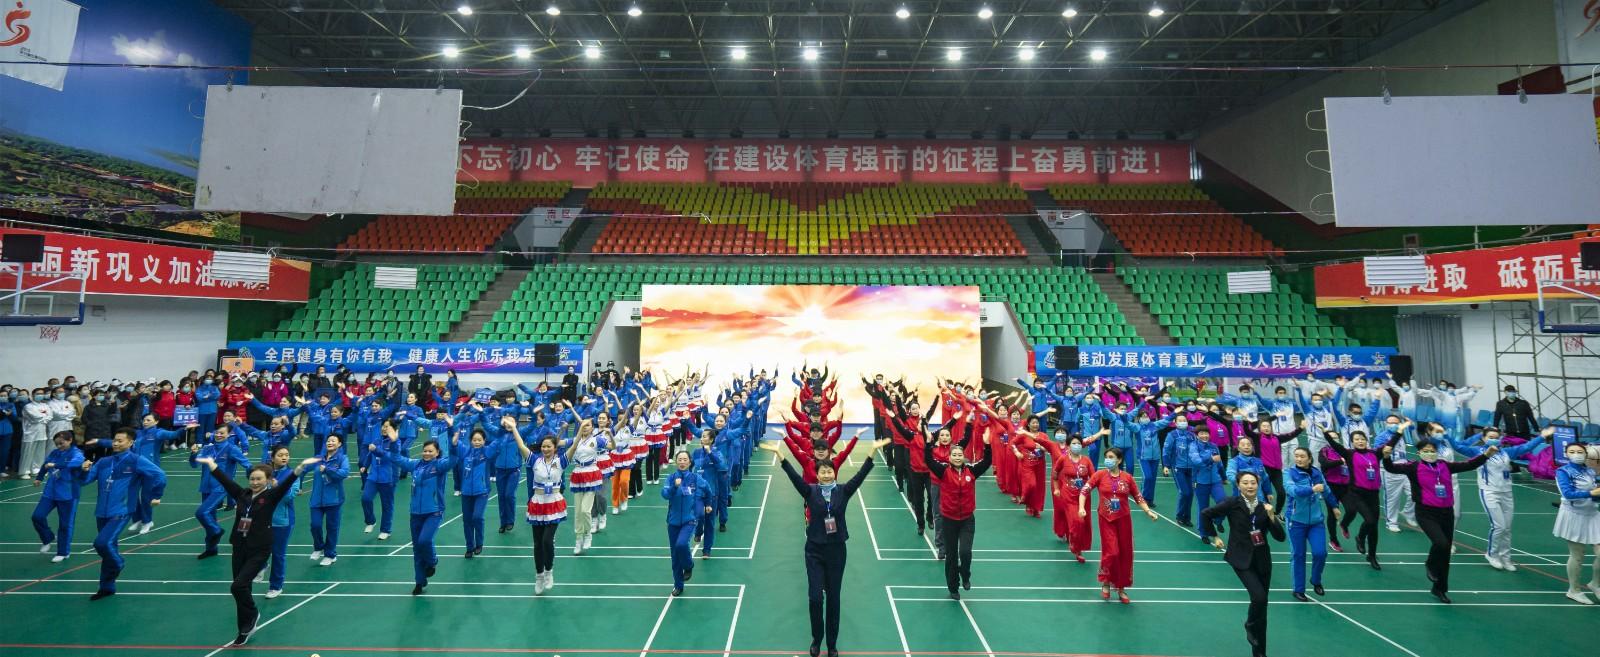 切磋交流一展风采 郑州市400名社会体育指导员同台比拼共提高